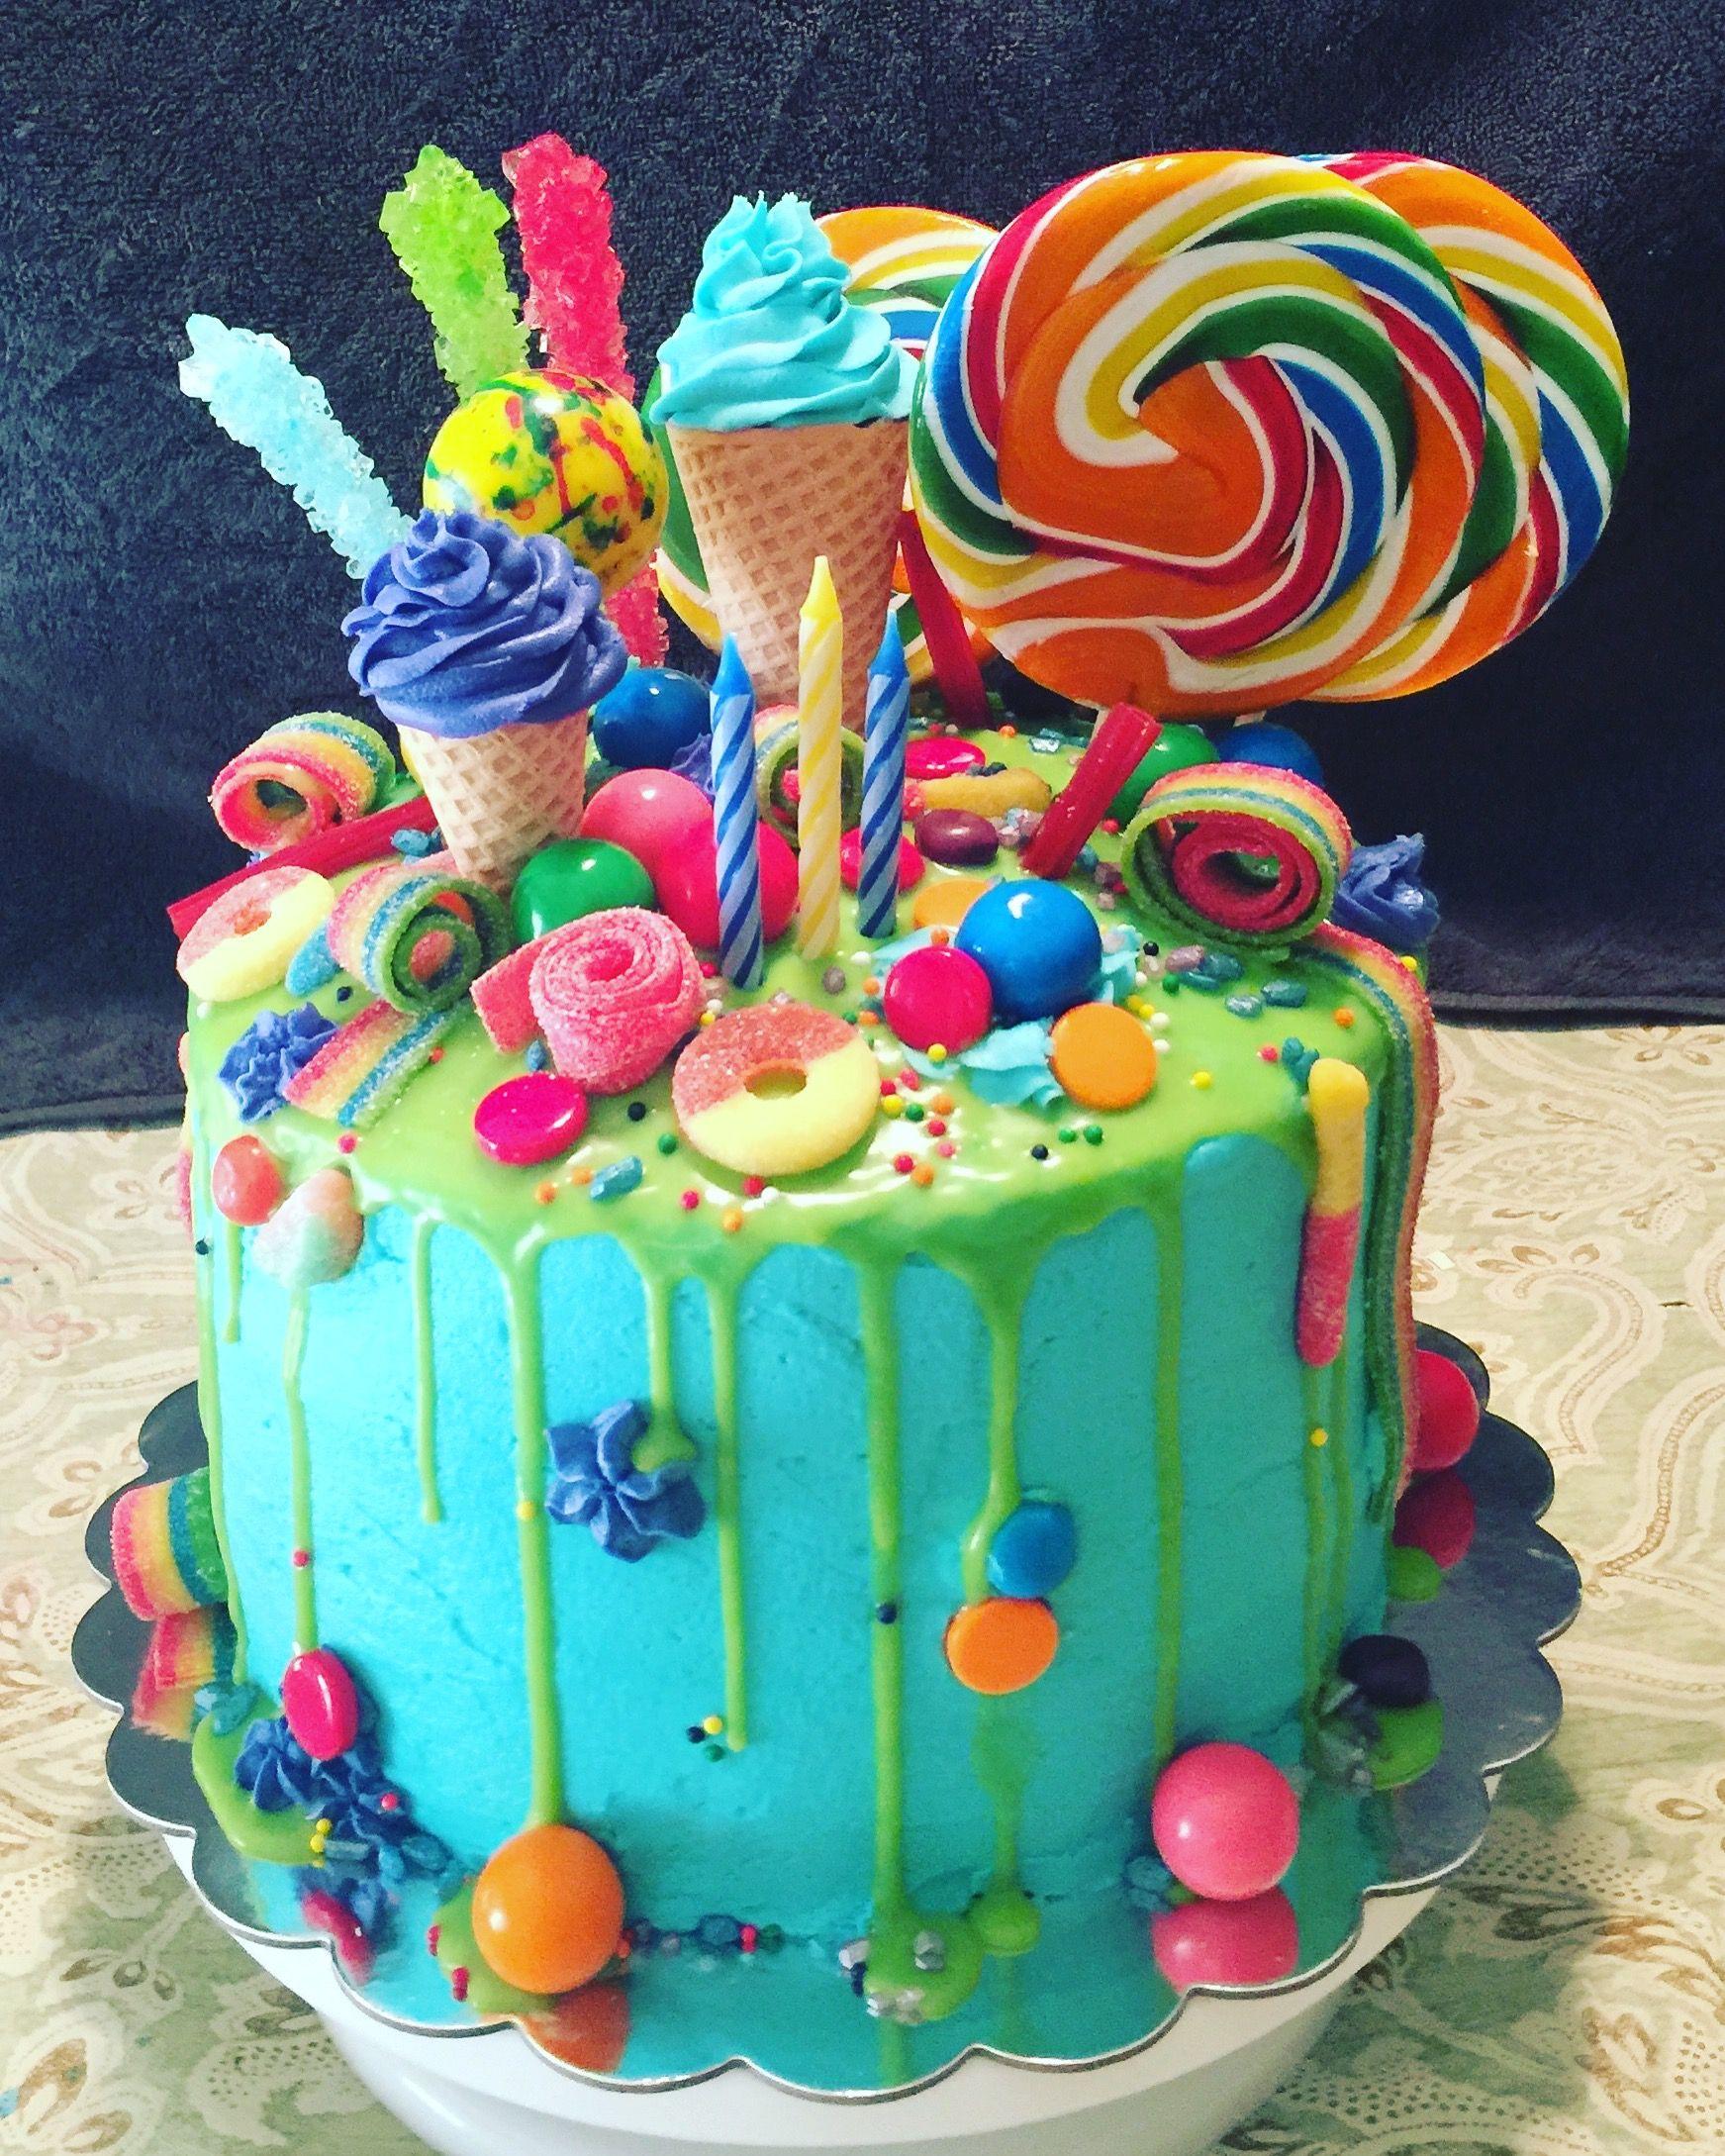 Фото ukrasheniya torta iz konfet i shokolada 11.